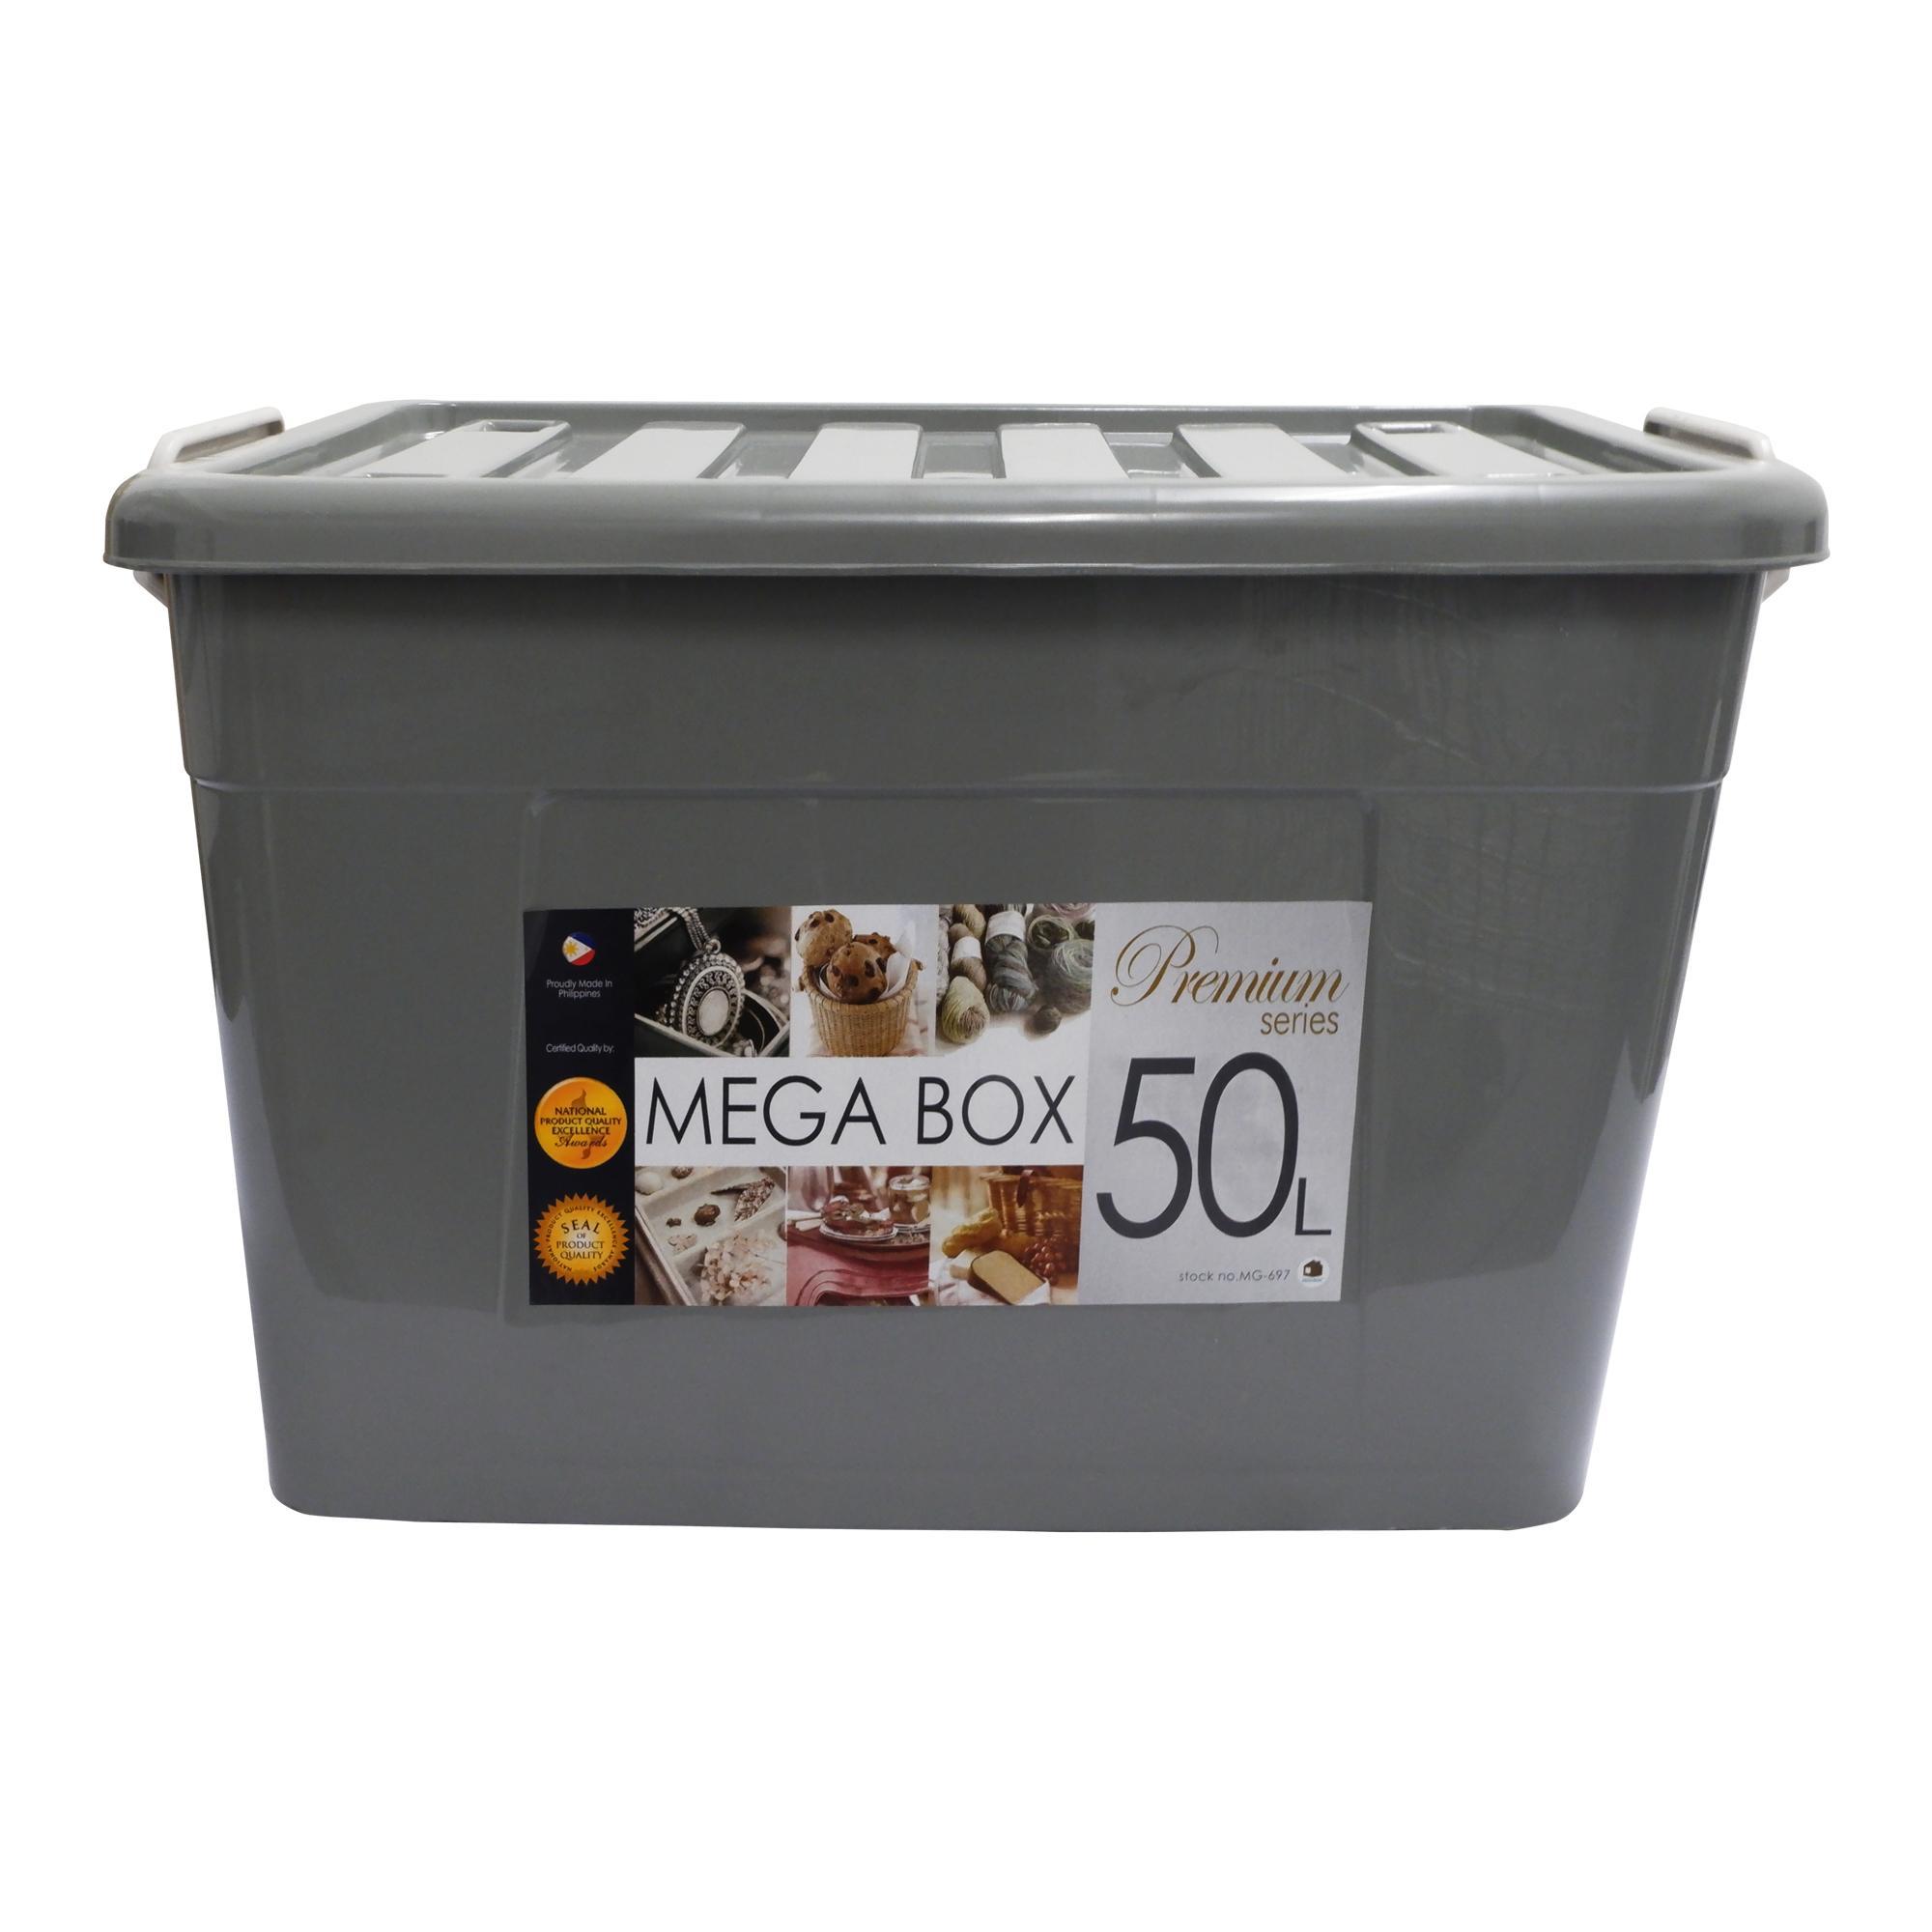 Megabox MG-697S Premium 50L Storage Box, Gray